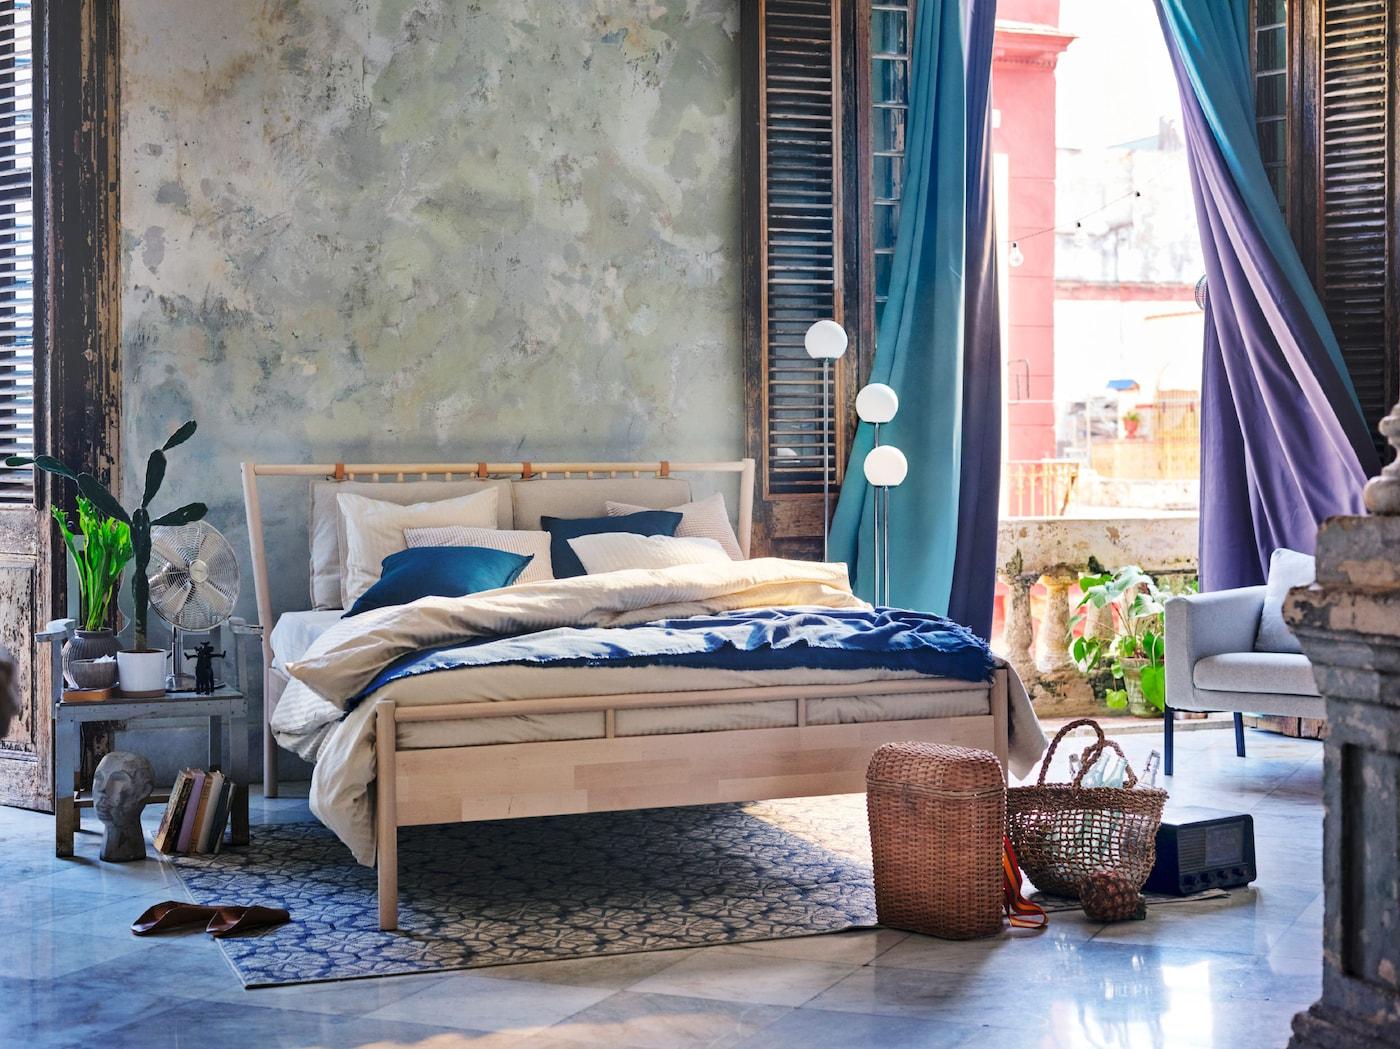 Camera da letto nei toni del blu-verde con tende pesanti azzurre e viola alla finestra mosse dal vento - IKEA